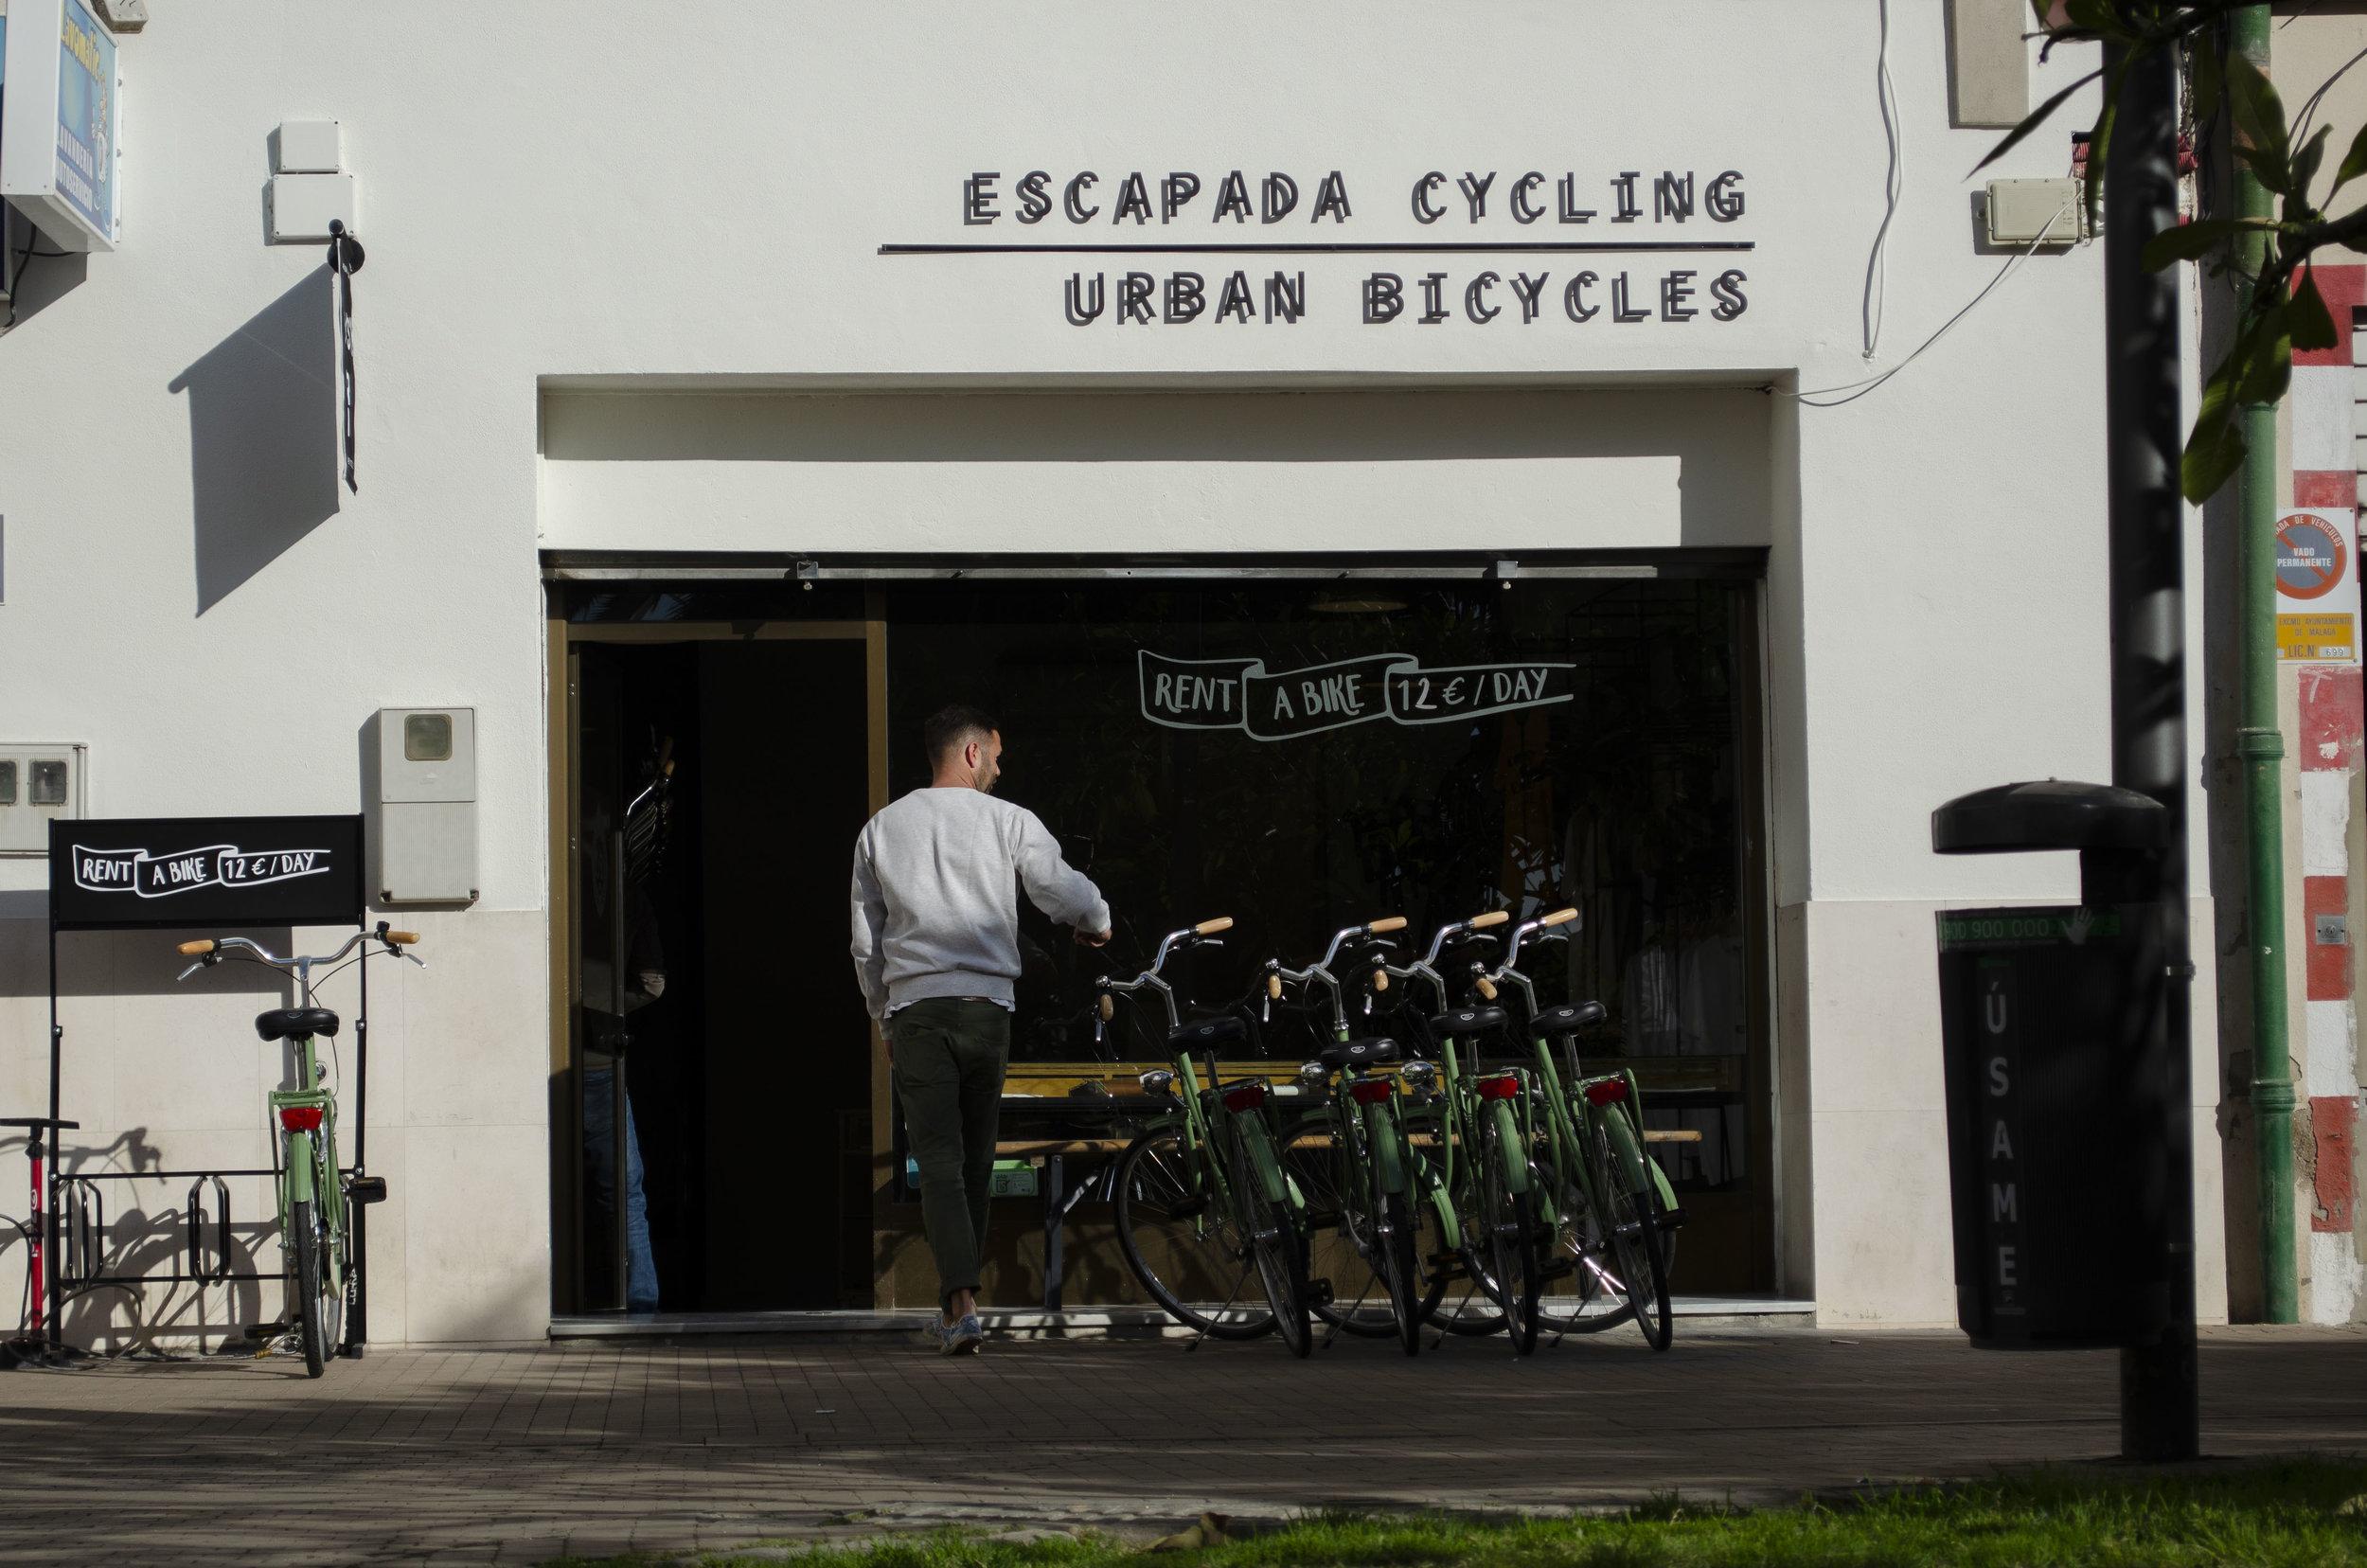 prijzen fietsverhuur urban bicycles malaga